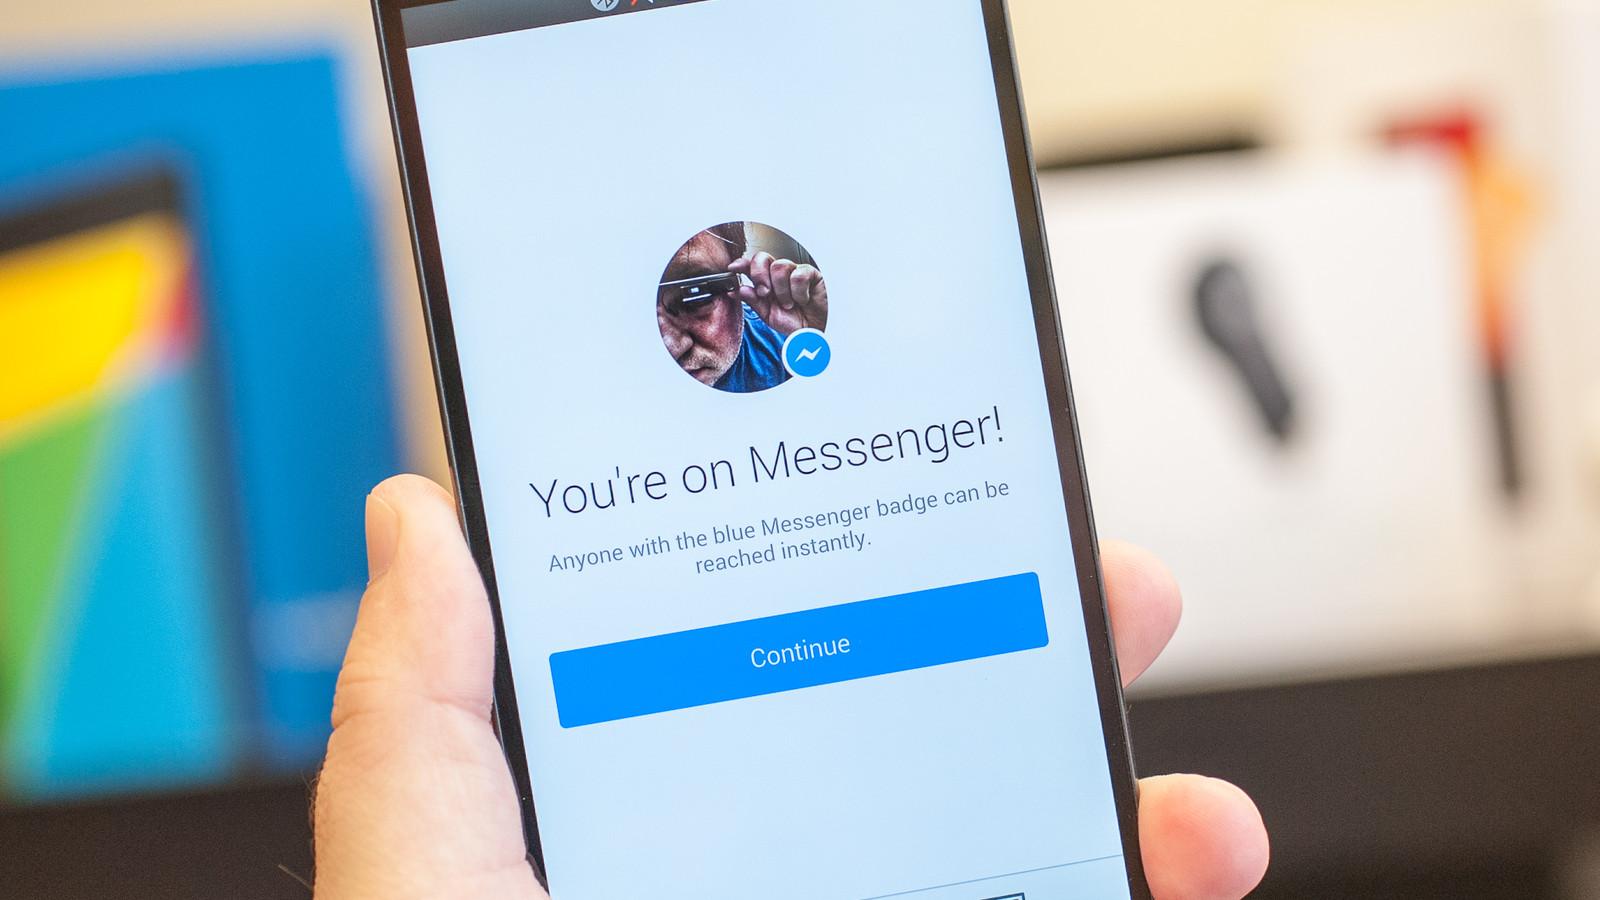 App Facebook Messenger 1 miliardo utenti attivi